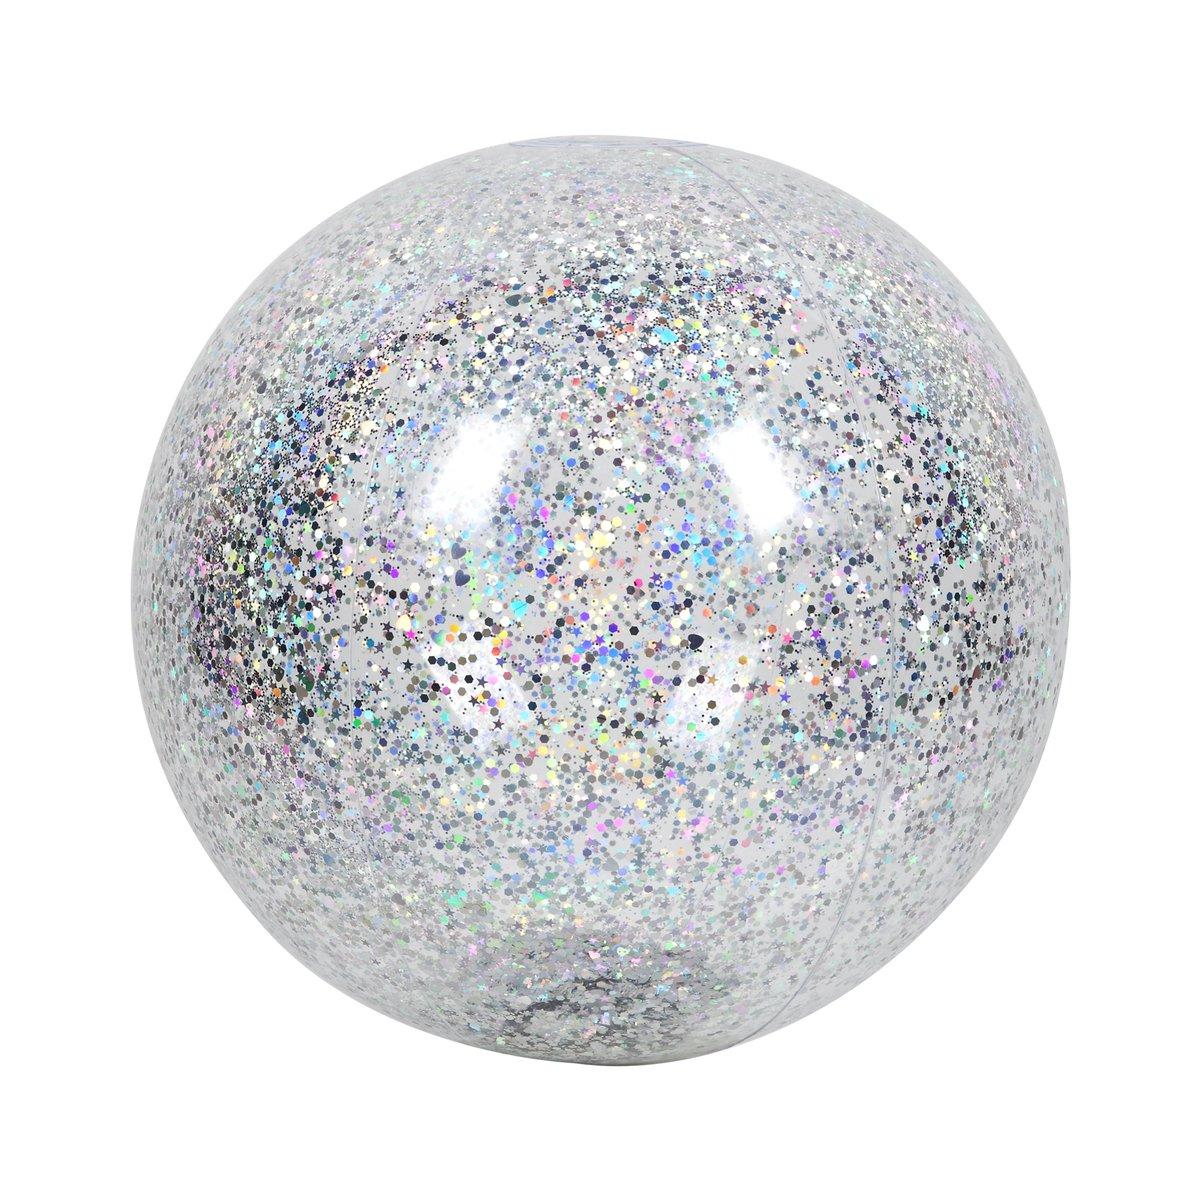 Ballon de plage gonflable transparent à paillettes